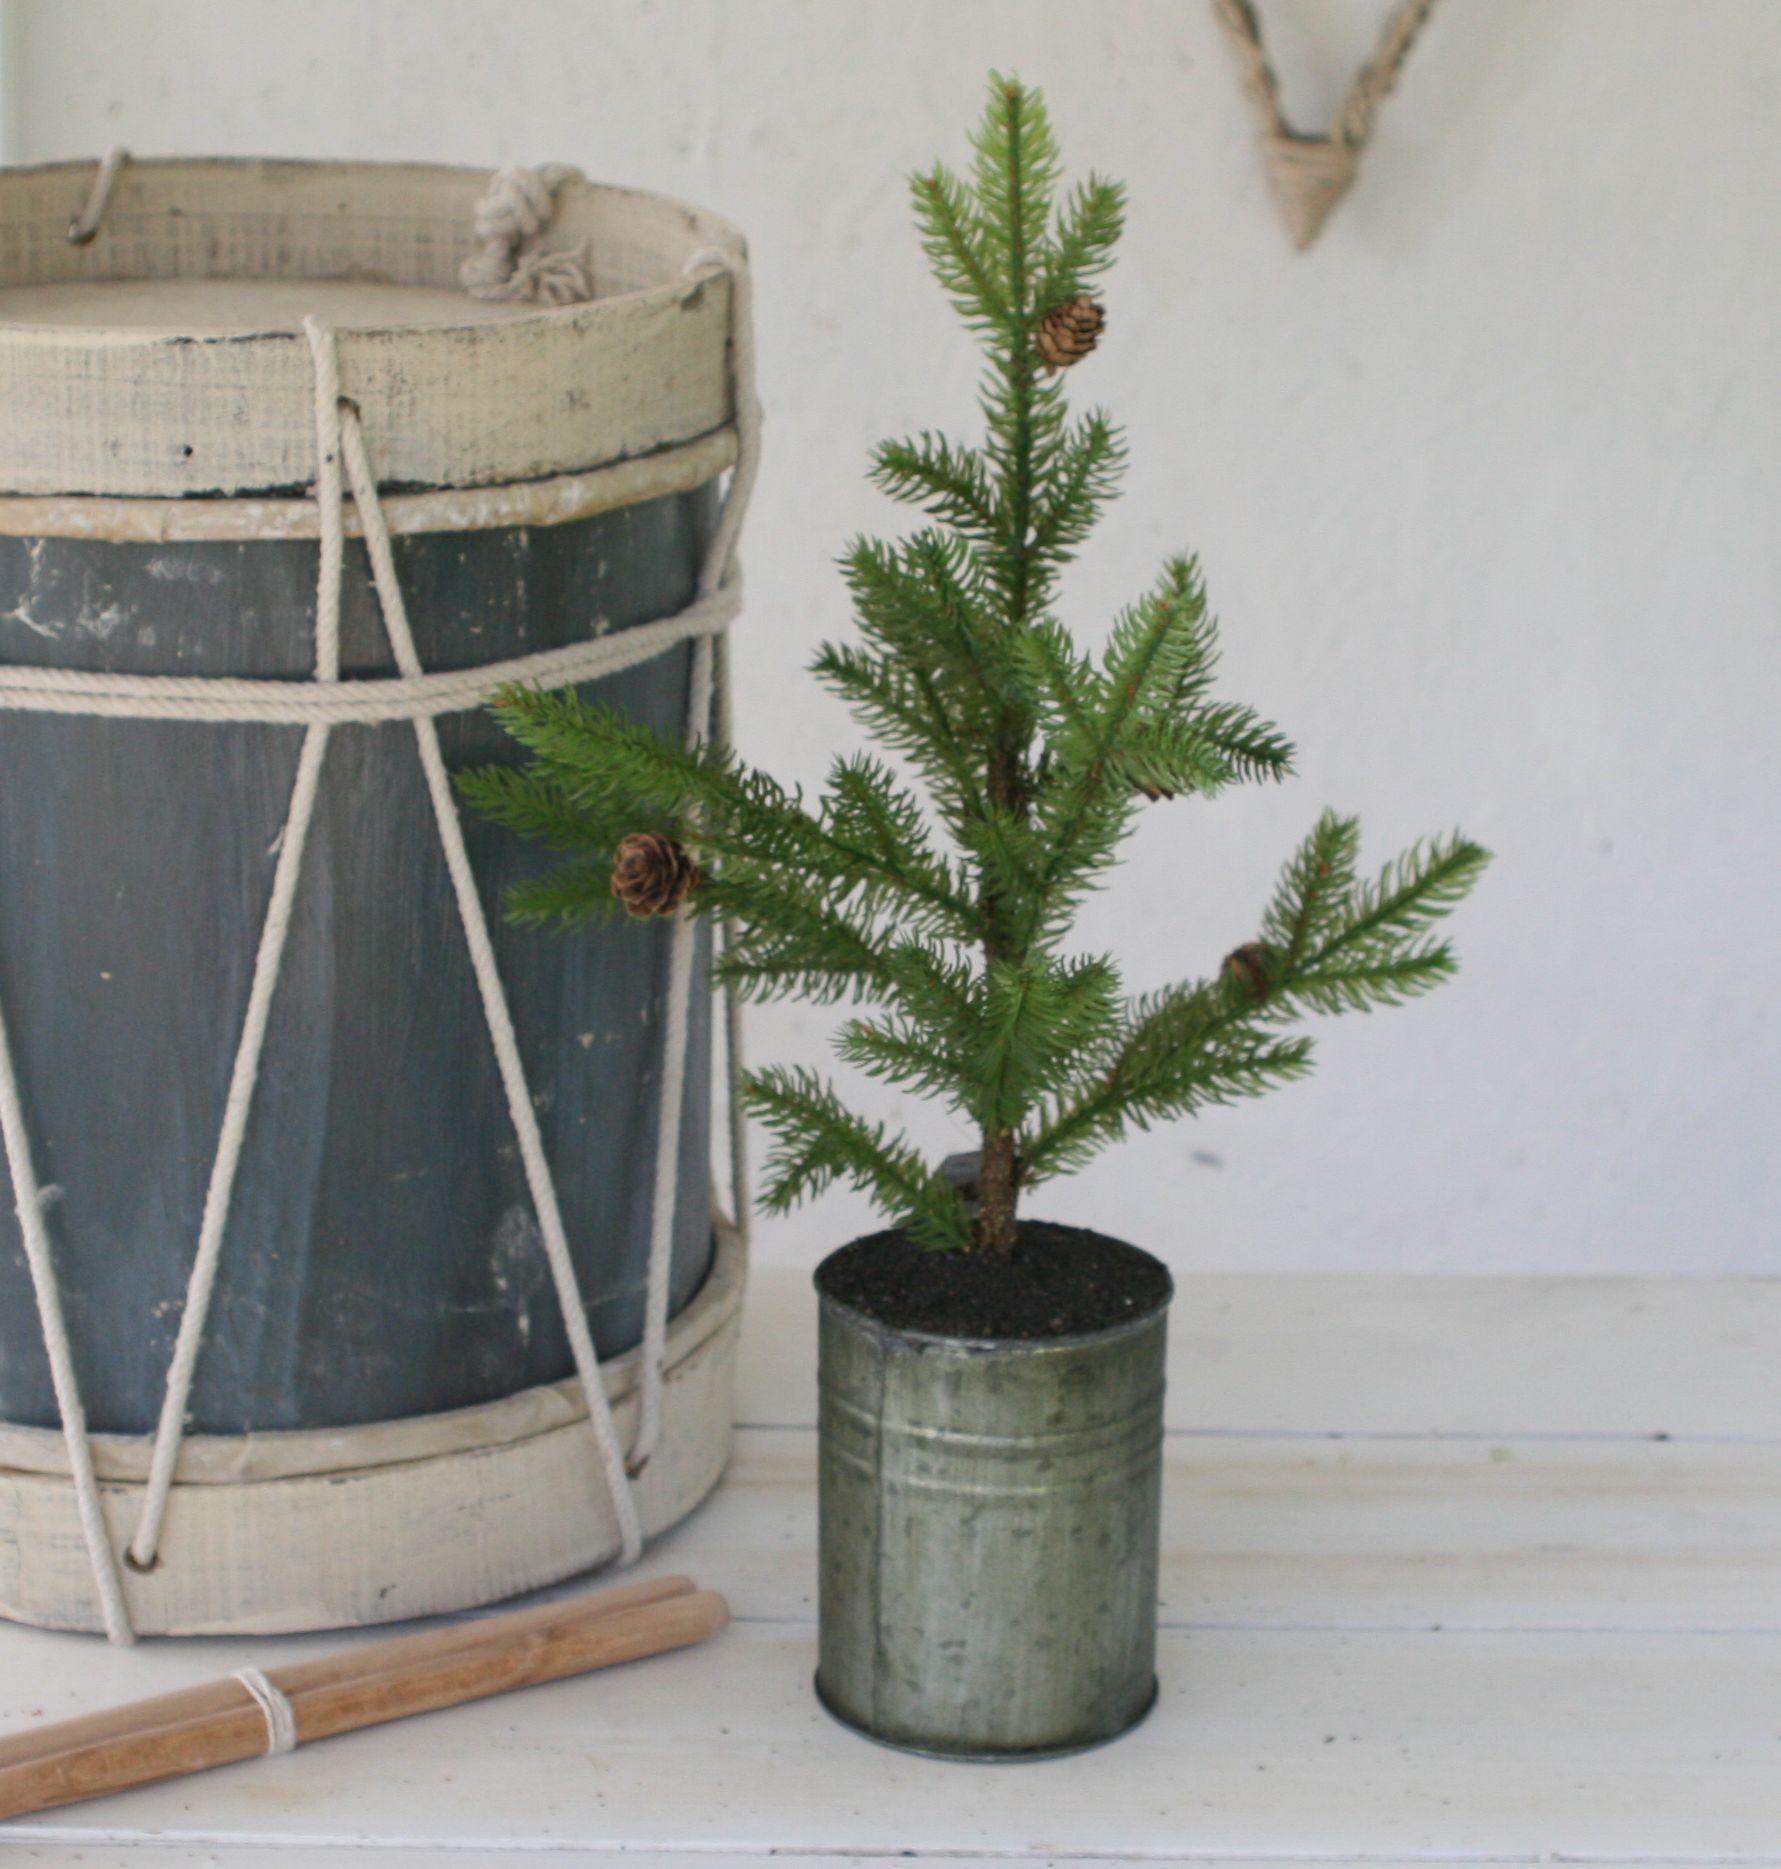 Grantræ med kogler i zinkpotte - small